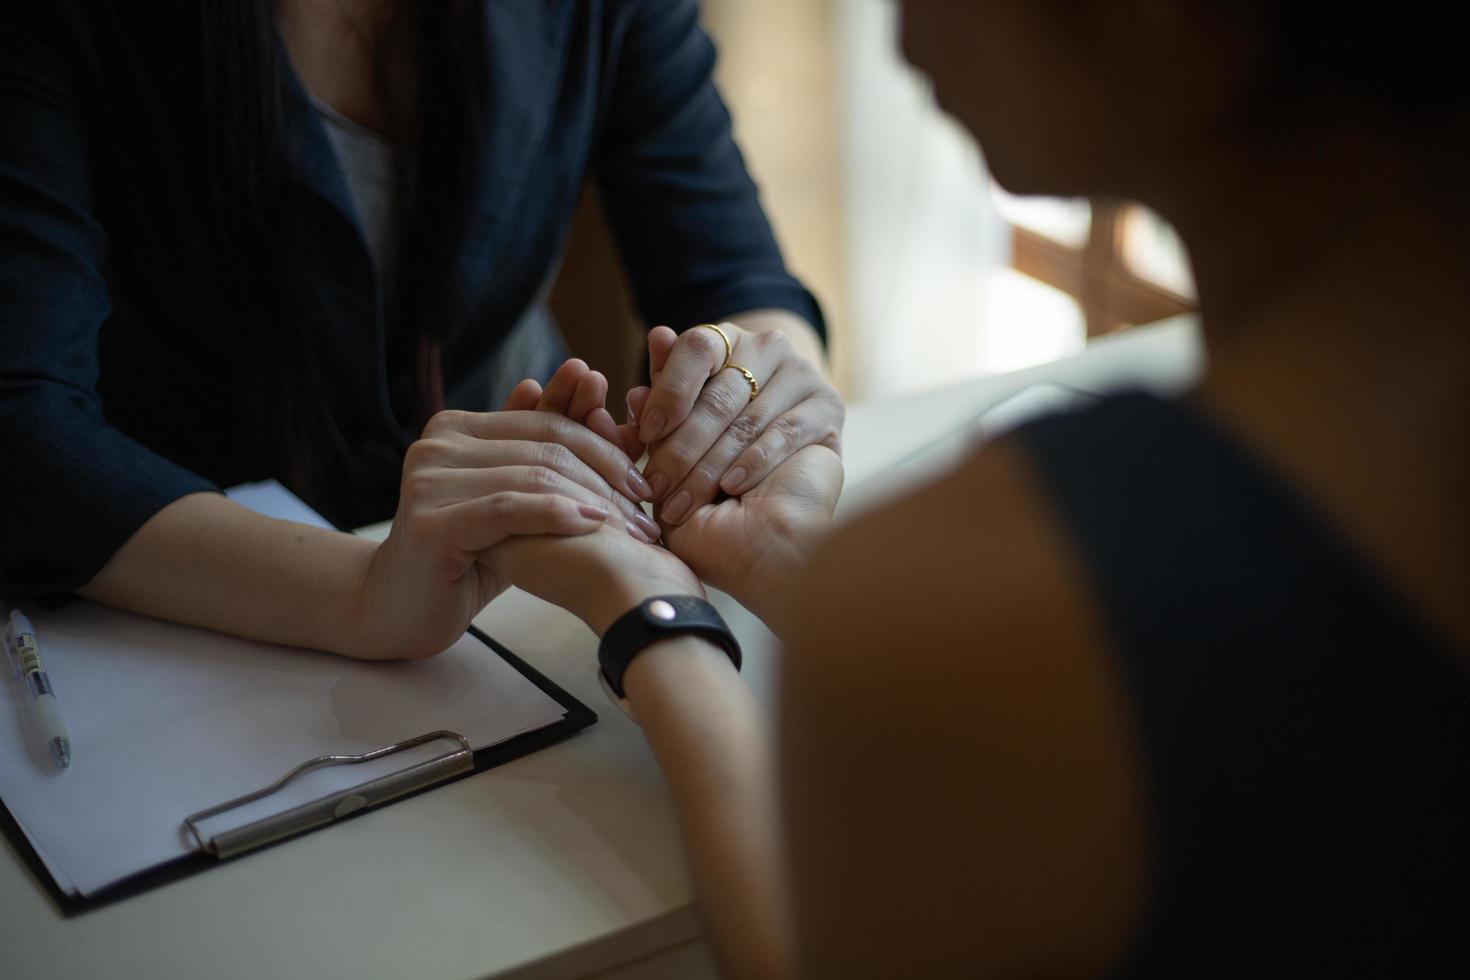 profissional de saúde de mãos dadas com um paciente foto